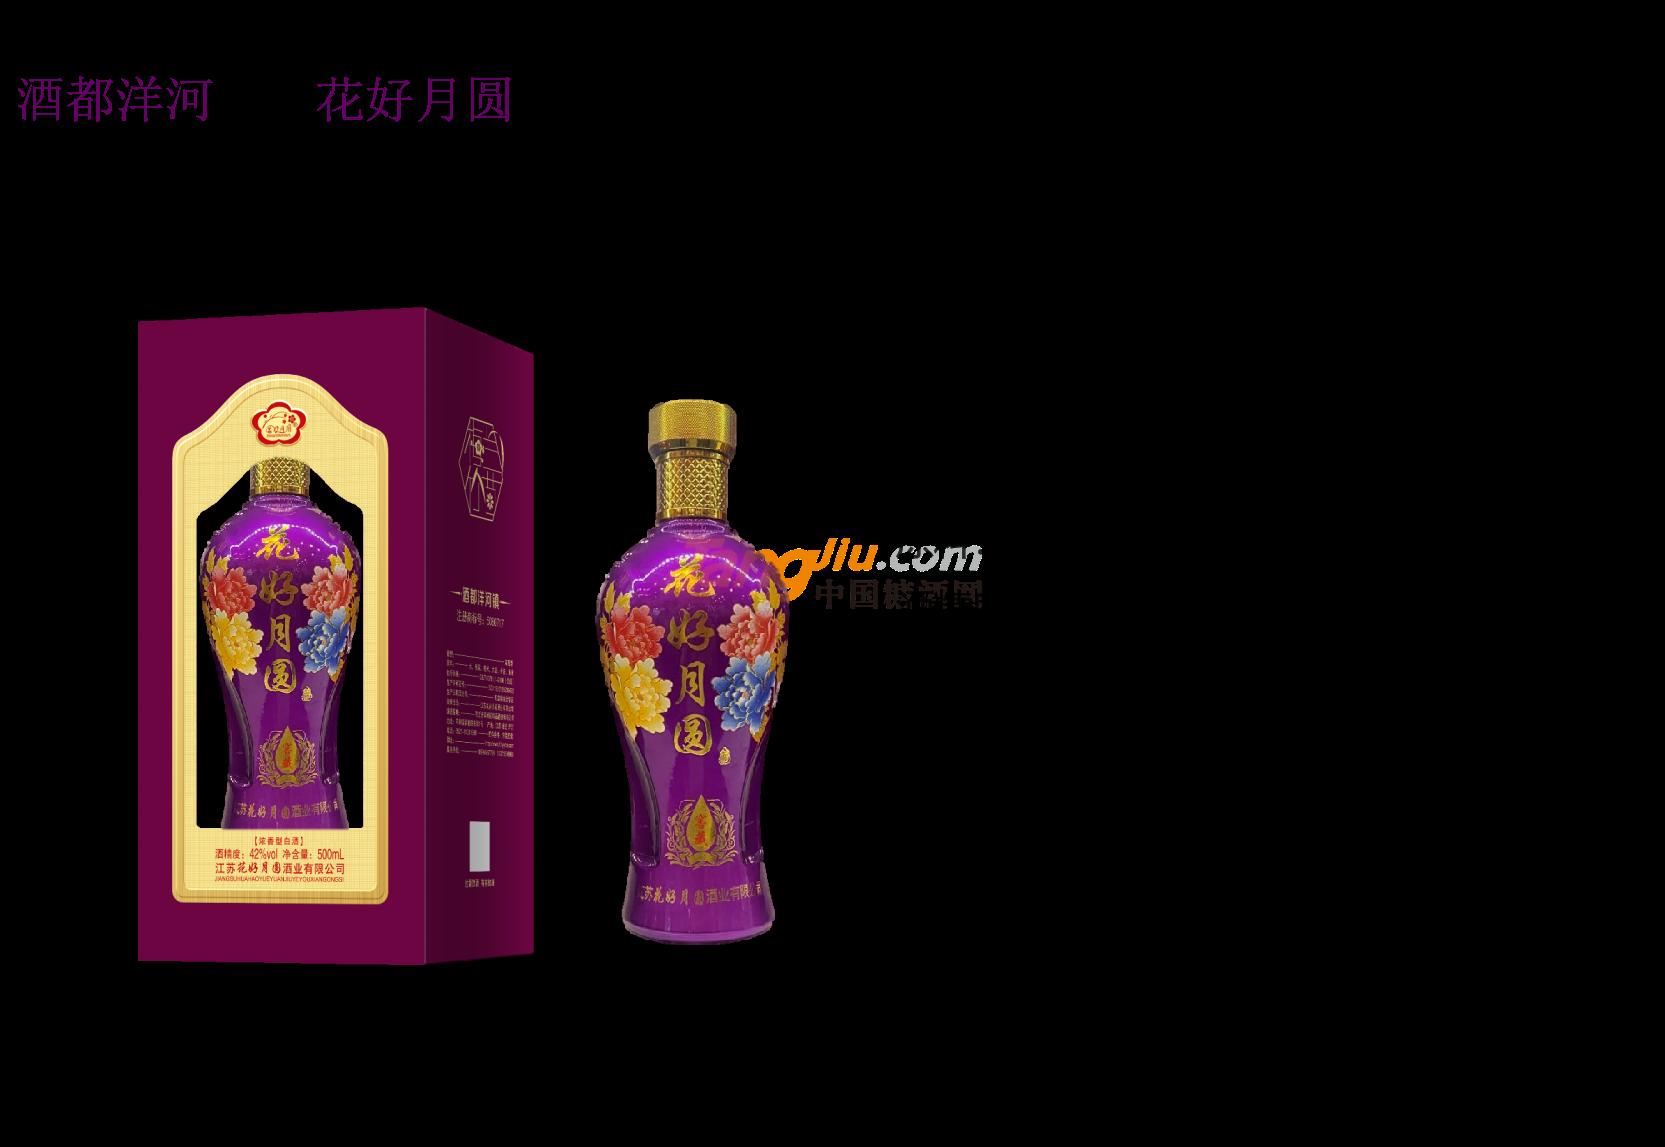 紫金一个号产品介绍.png